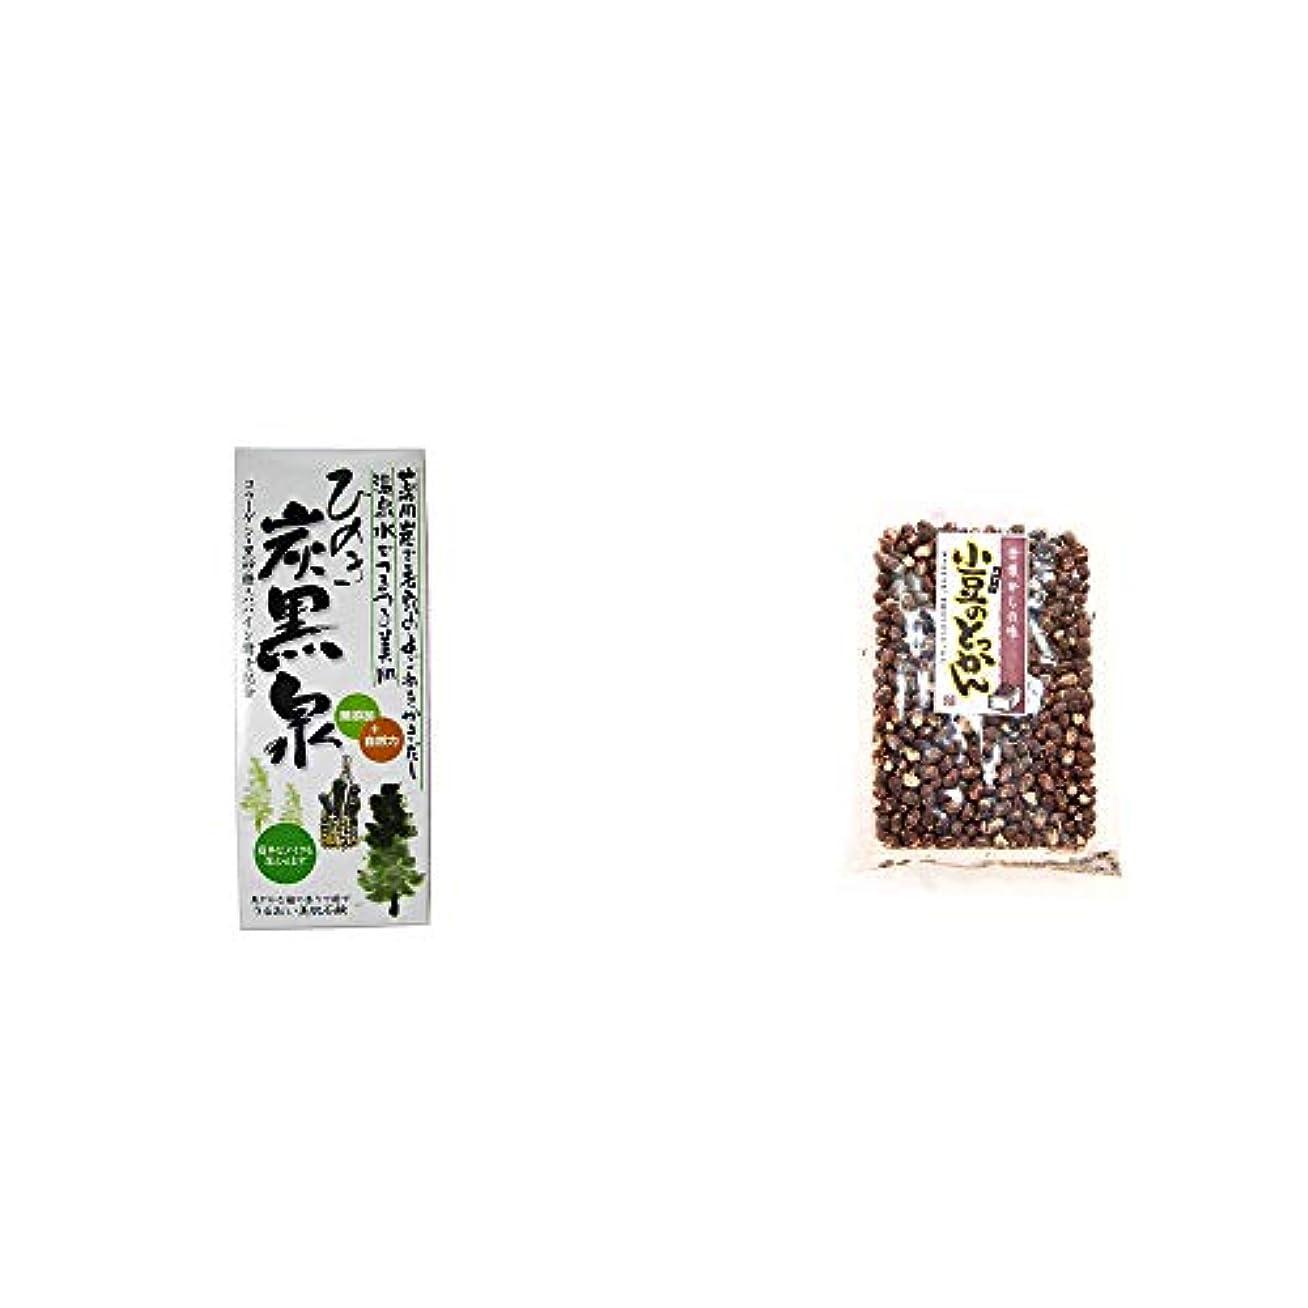 推定する再撮りネーピア[2点セット] ひのき炭黒泉 箱入り(75g×3)?小豆のとっかん(150g)